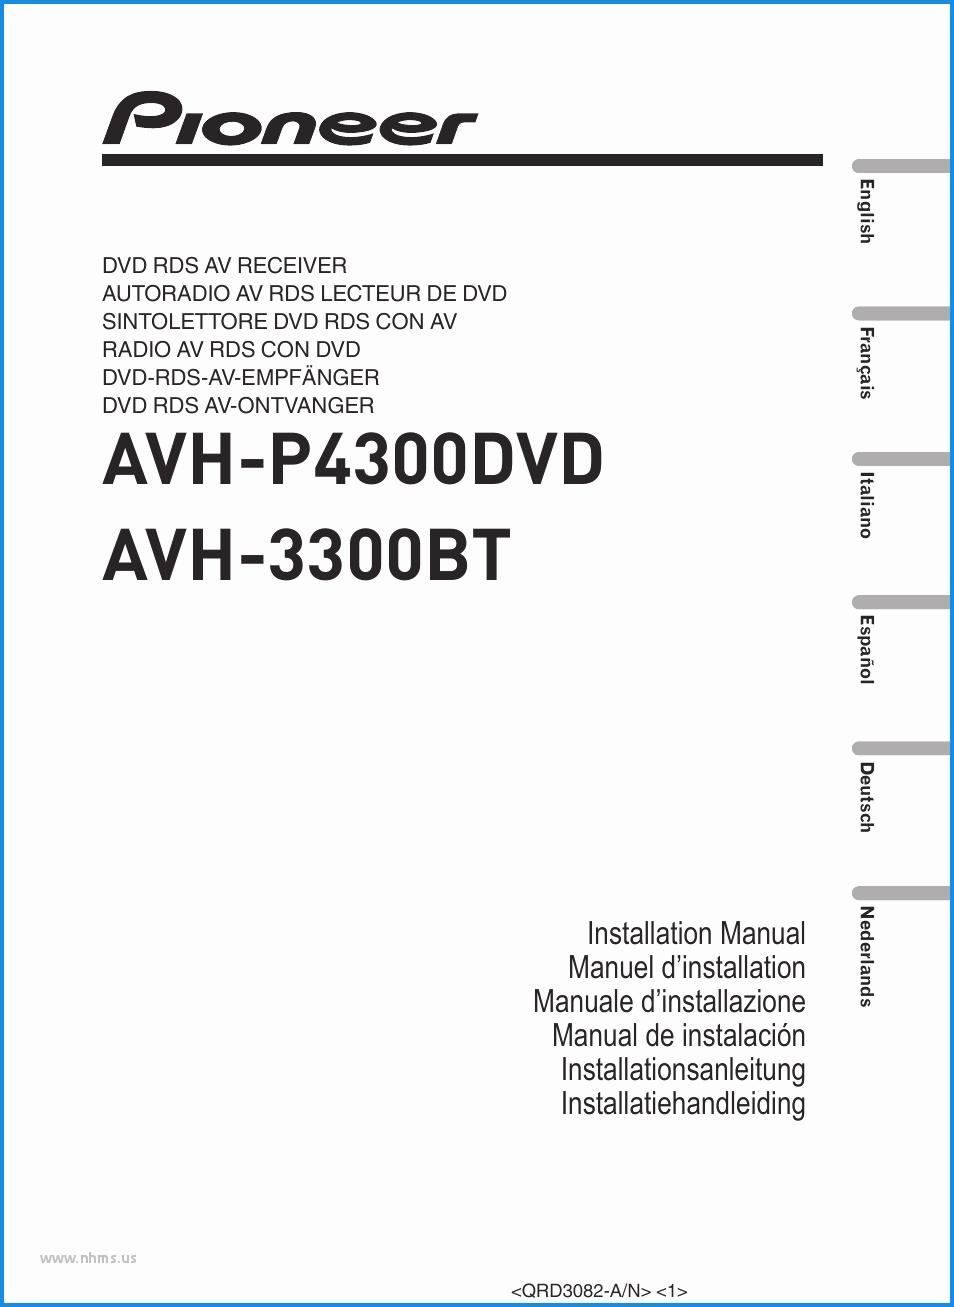 Pioneer Avh P2300Dvd Wiring Diagram - All Wiring Diagram - Pioneer Avh P2300Dvd Wiring Diagram